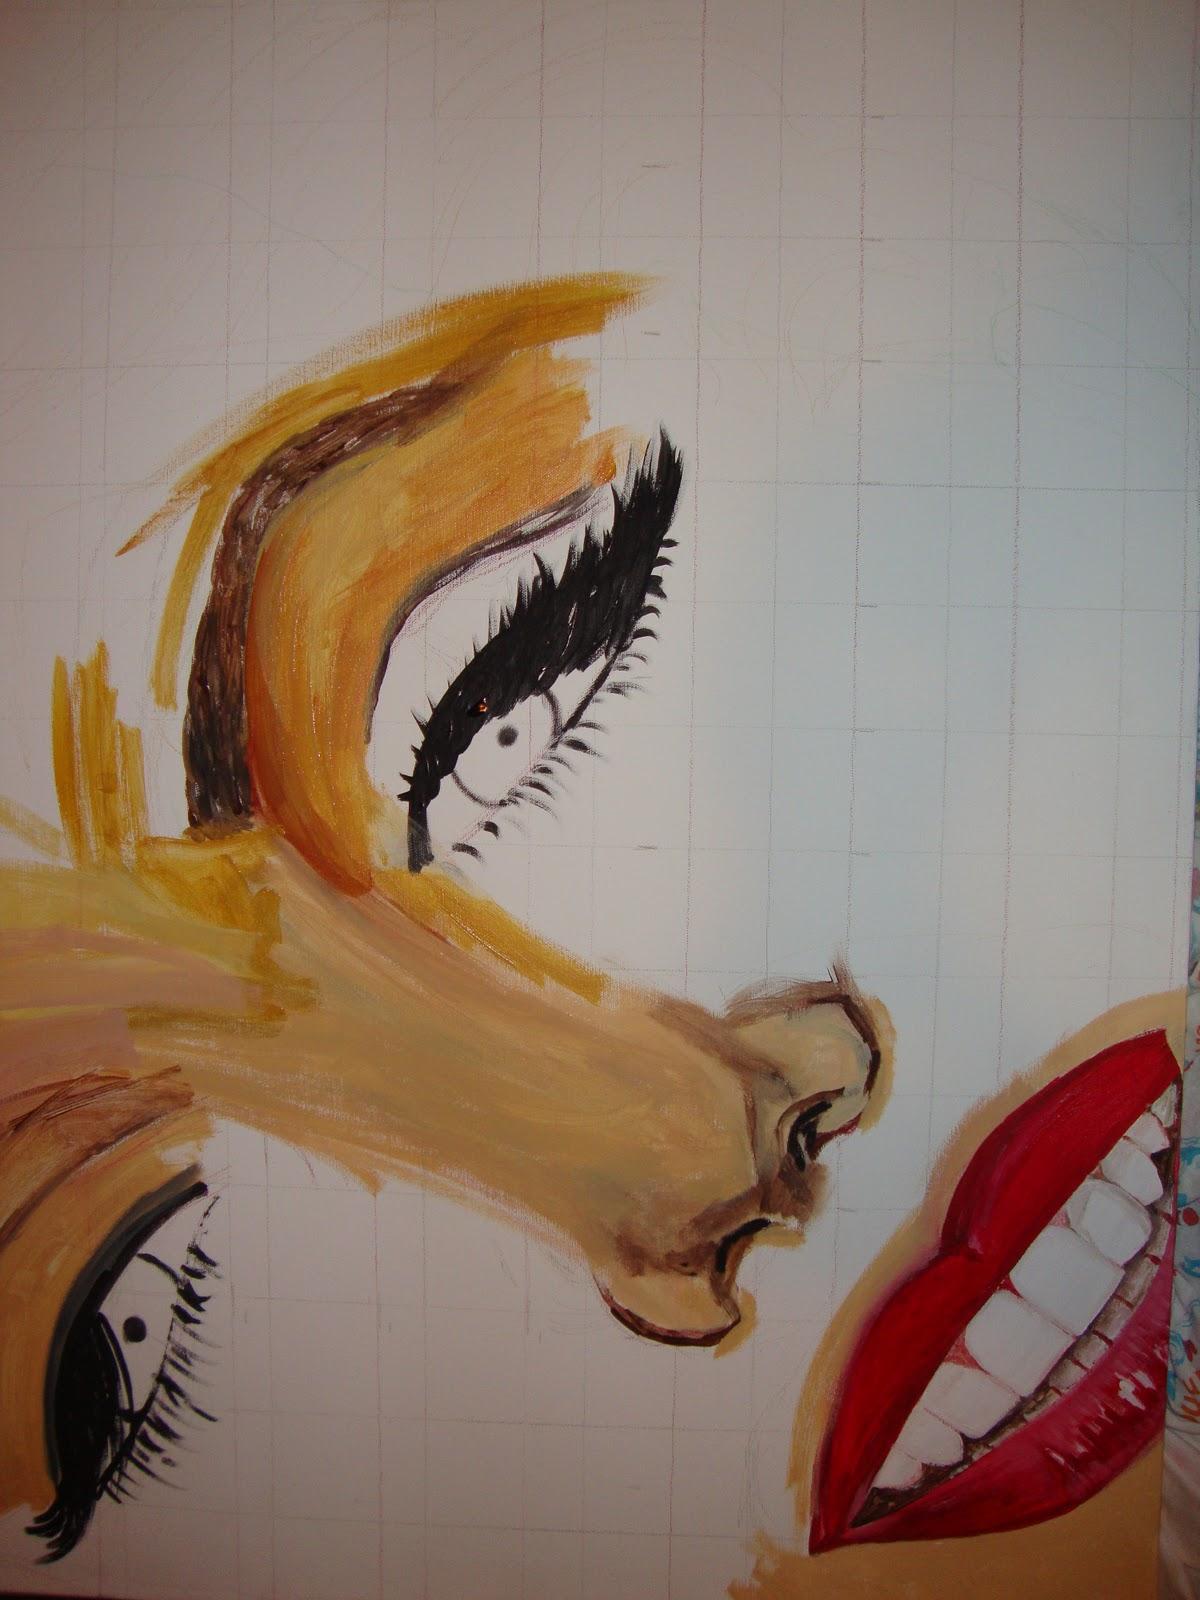 http://1.bp.blogspot.com/_ZfWWwoOZHrM/TNq-SWDC9BI/AAAAAAAABsQ/VOU5tredMFA/s1600/DSC05605.JPG